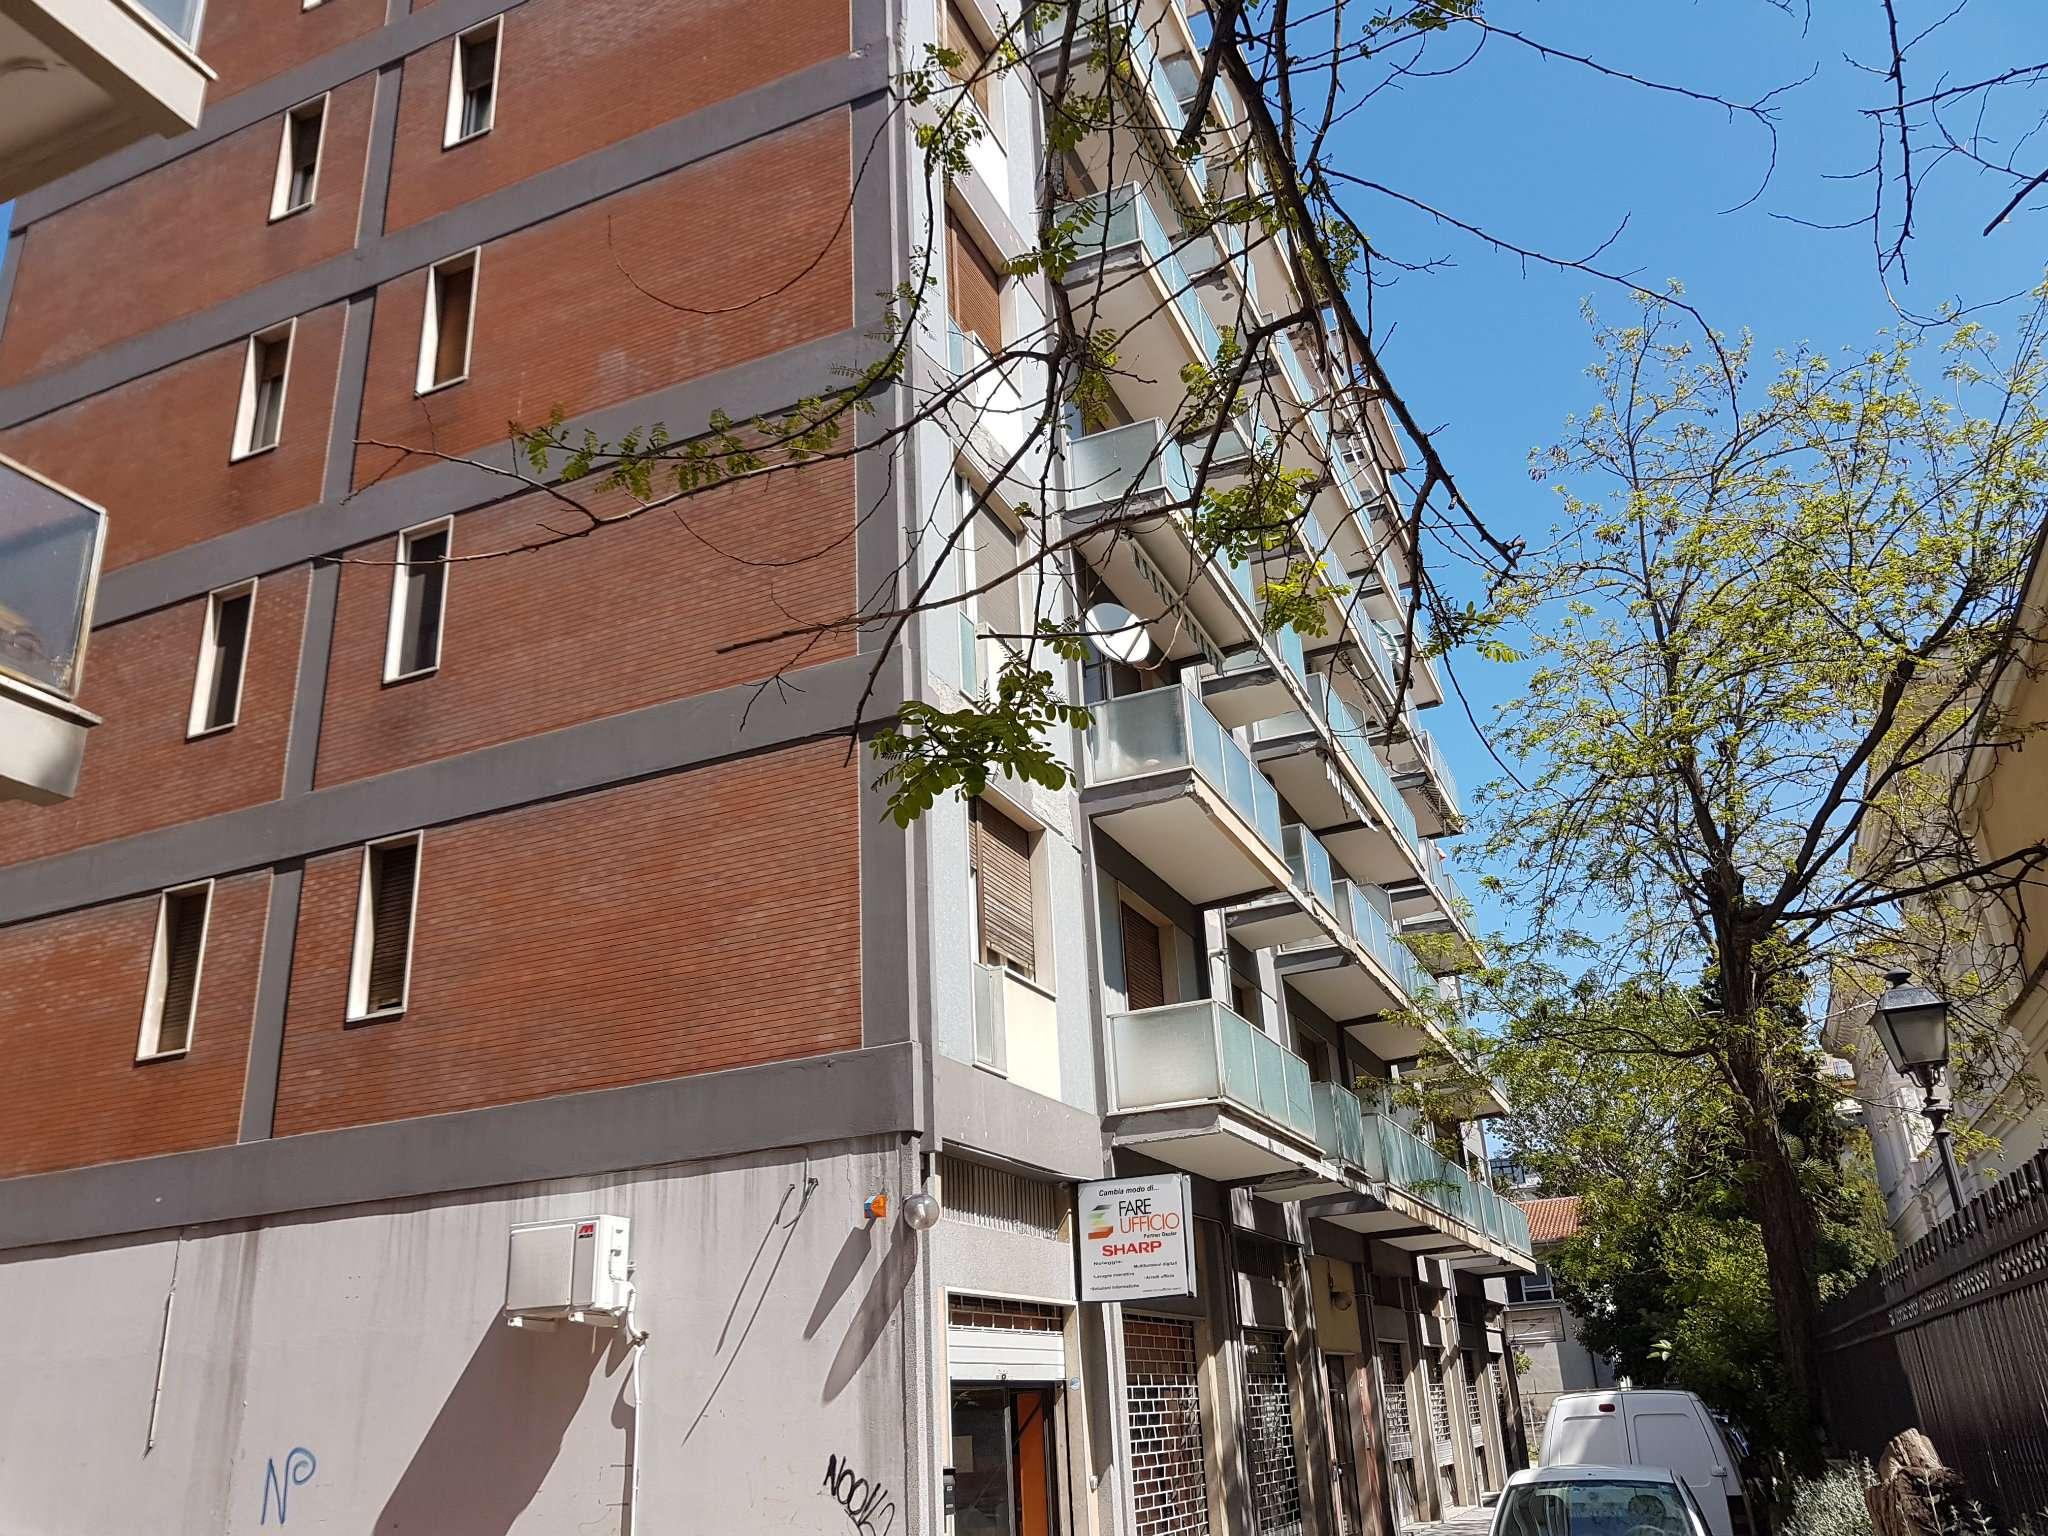 Negozio / Locale in affitto a Pescara, 3 locali, prezzo € 500 | CambioCasa.it